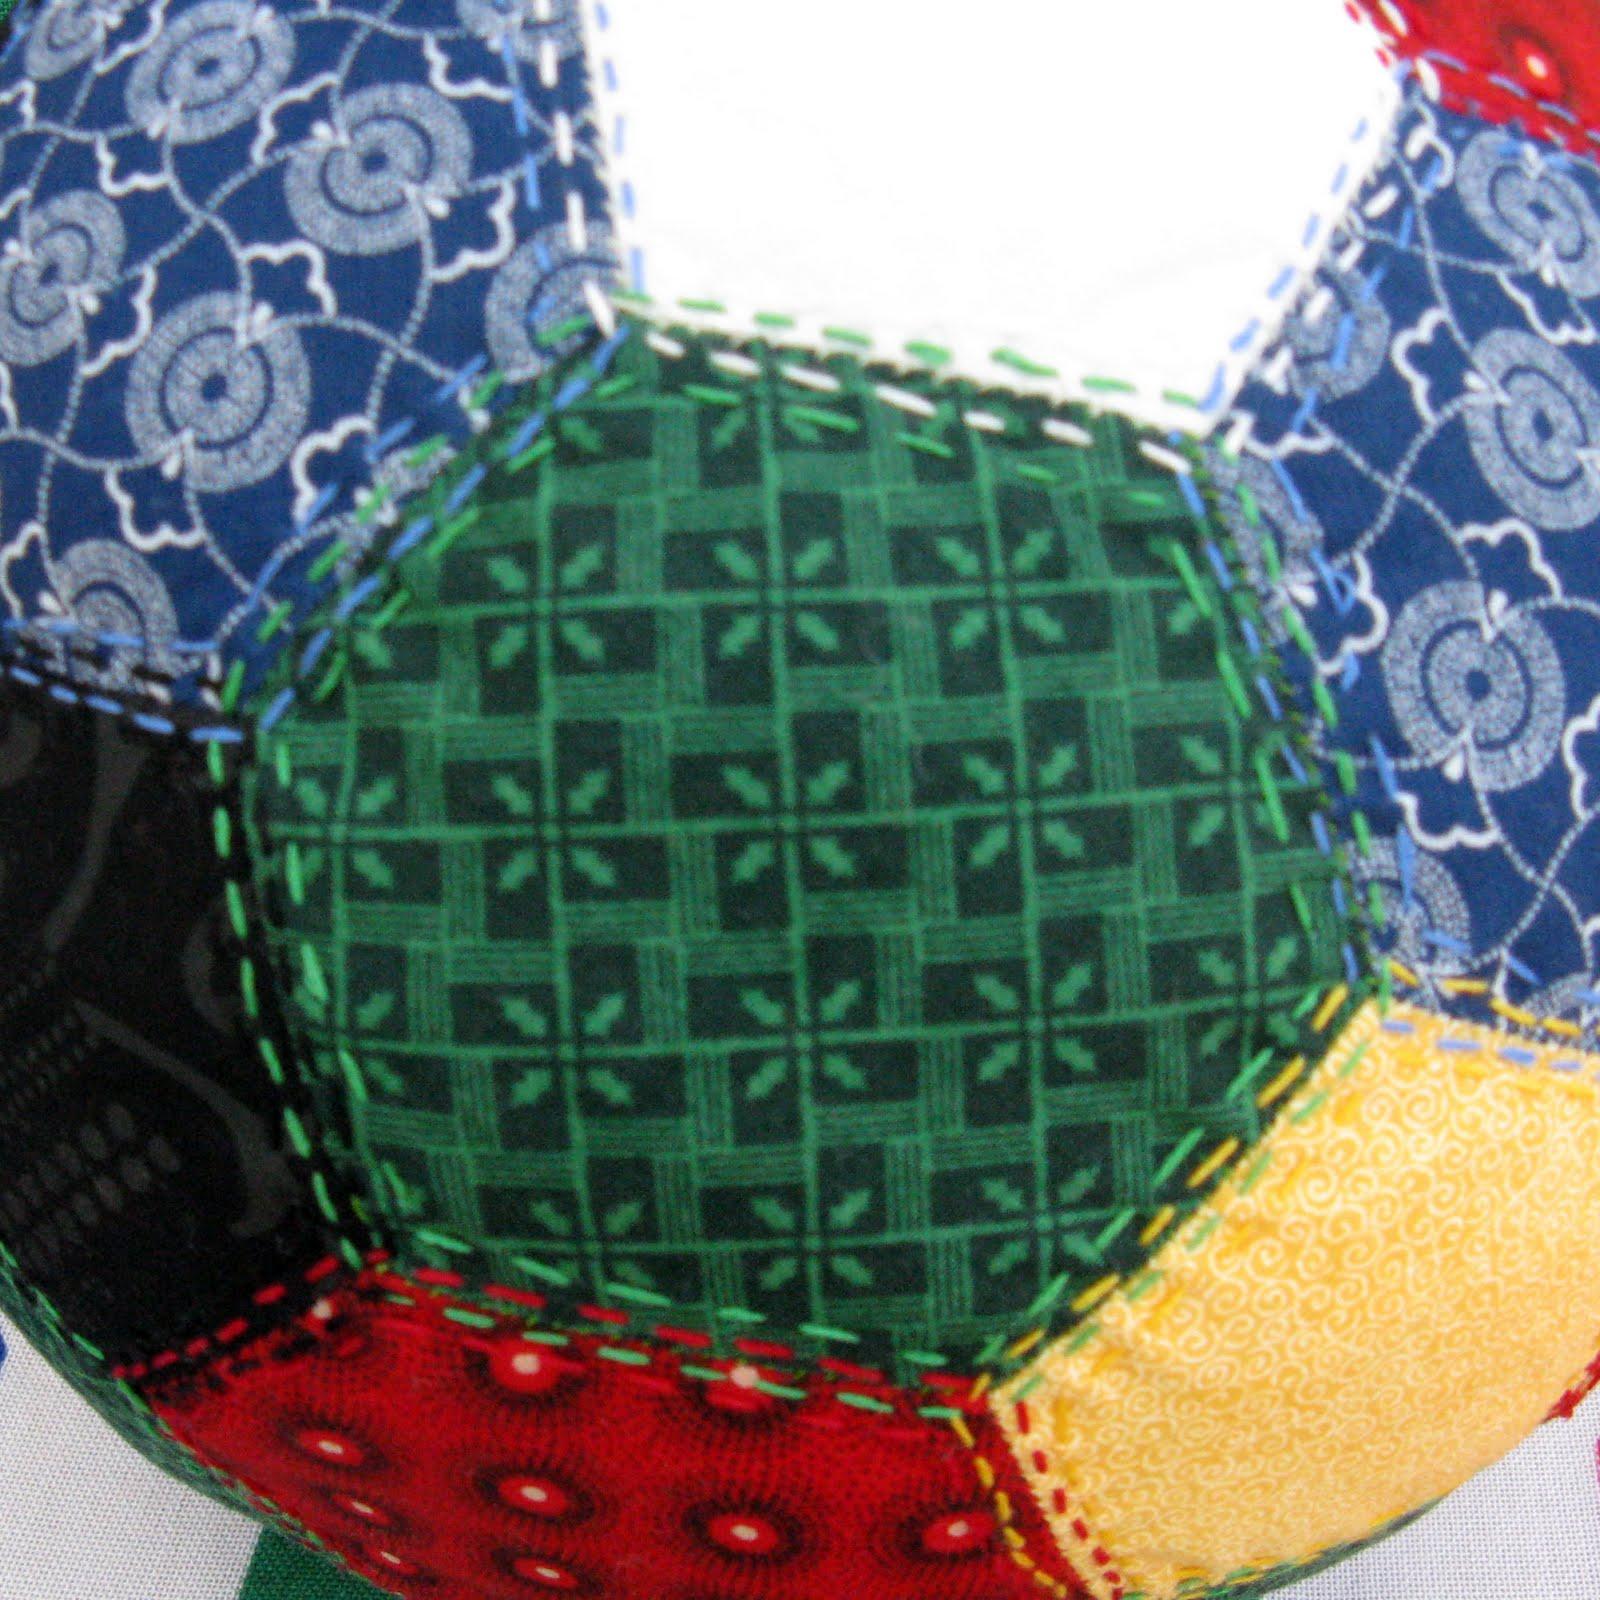 http://2.bp.blogspot.com/_UDuNisccf7U/S68S6nJa58I/AAAAAAAAA6I/3mN-eJxiGjg/s1600/quilted+soccer+ball+2.jpg